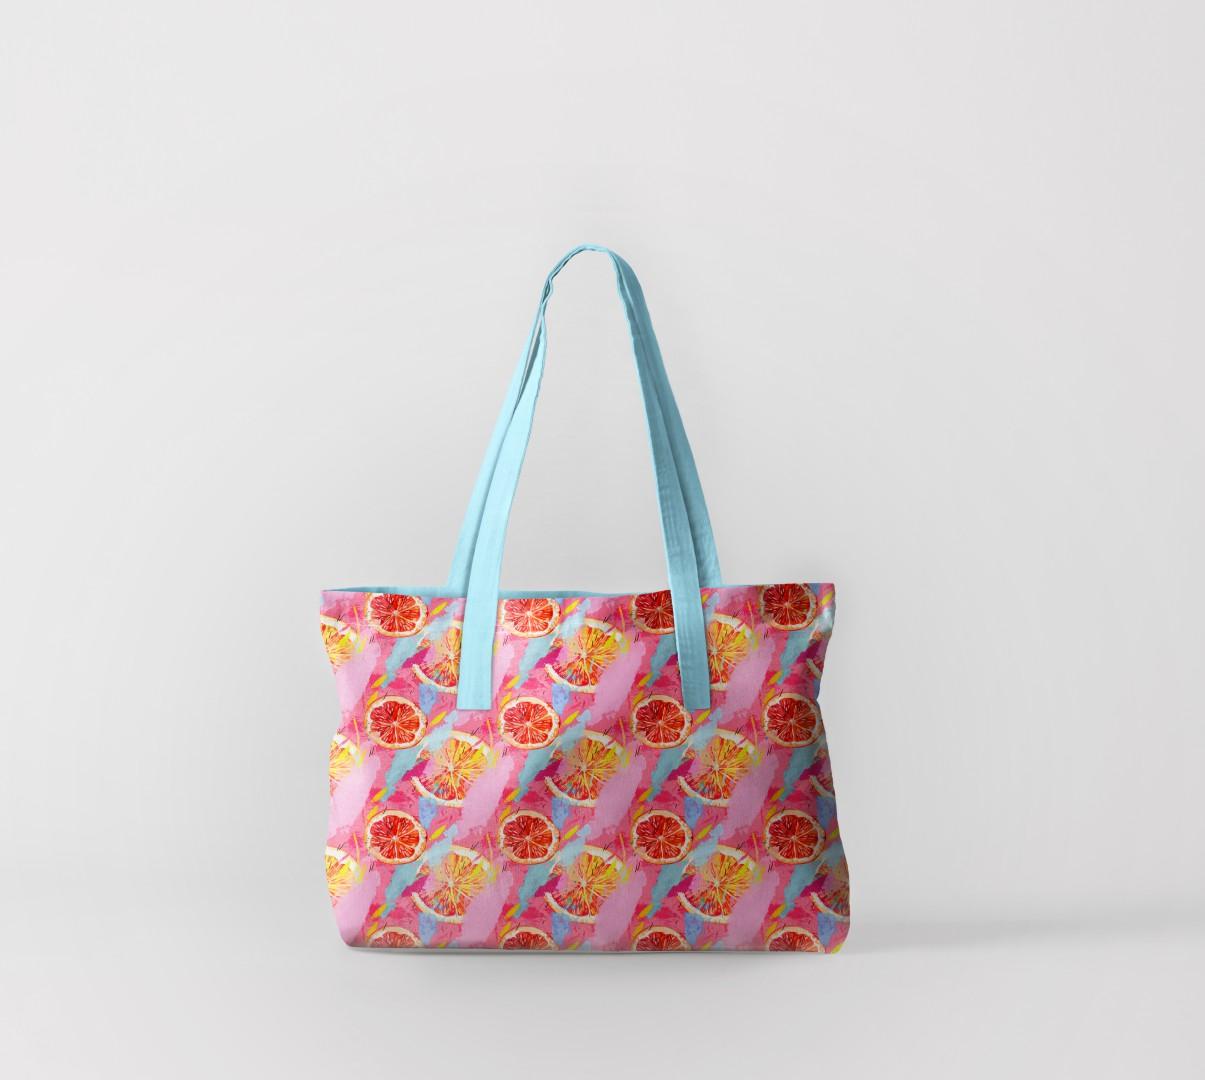 Пляжная сумка Грейпфруты (50х40 см) Олимп Текстиль oli732564